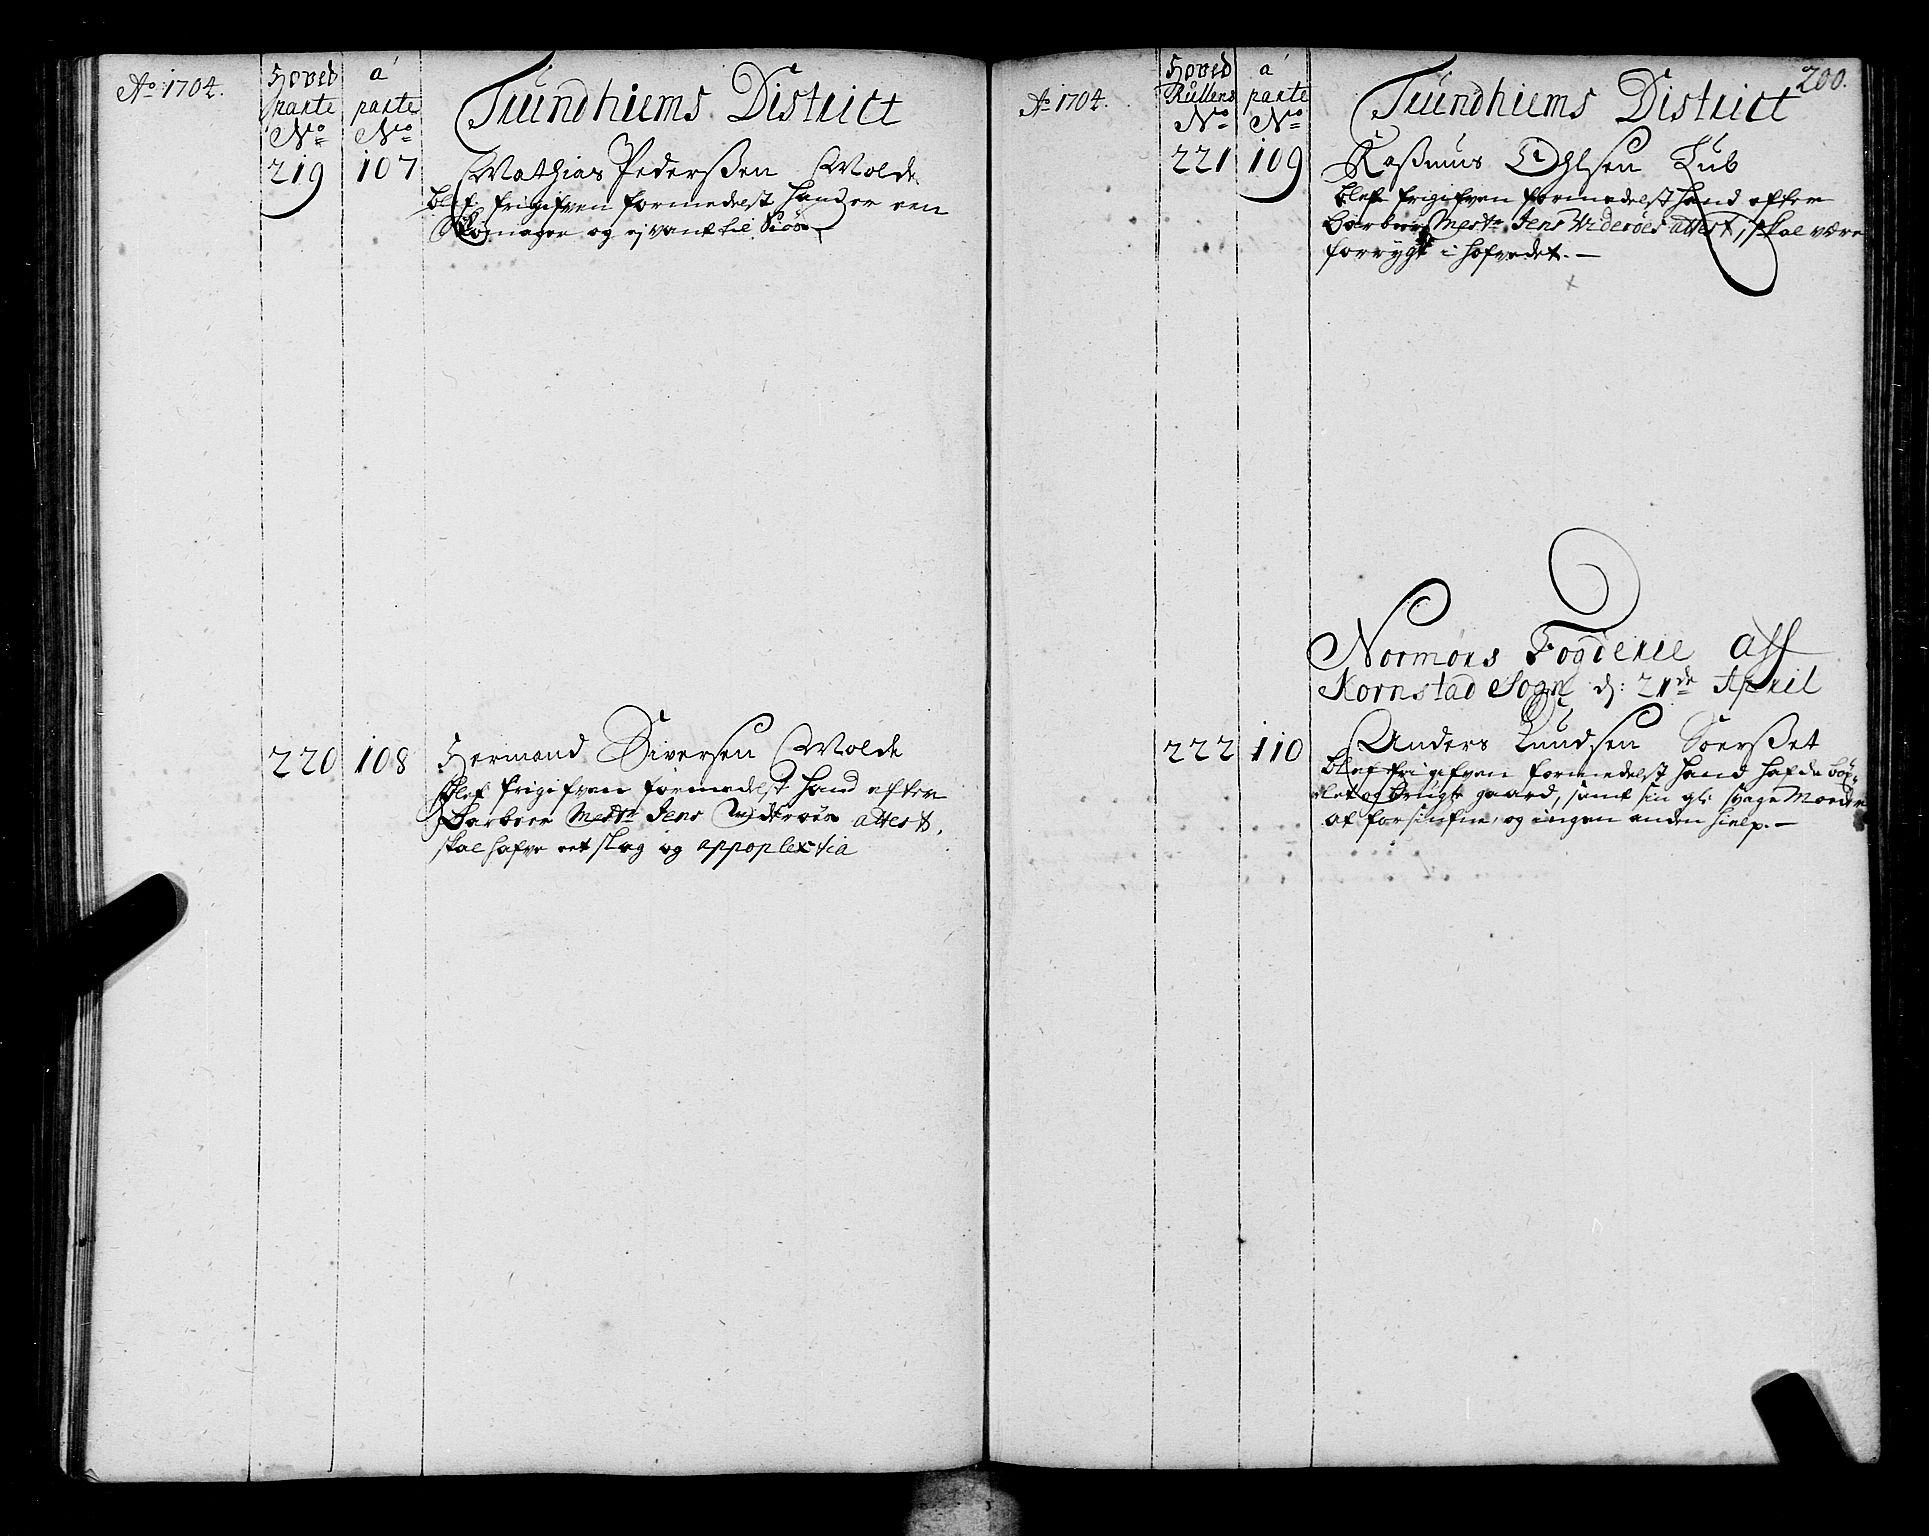 SAT, Sjøinnrulleringen - Trondhjemske distrikt, 01/L0004: Ruller over sjøfolk i Trondhjem by, 1704-1710, p. 200